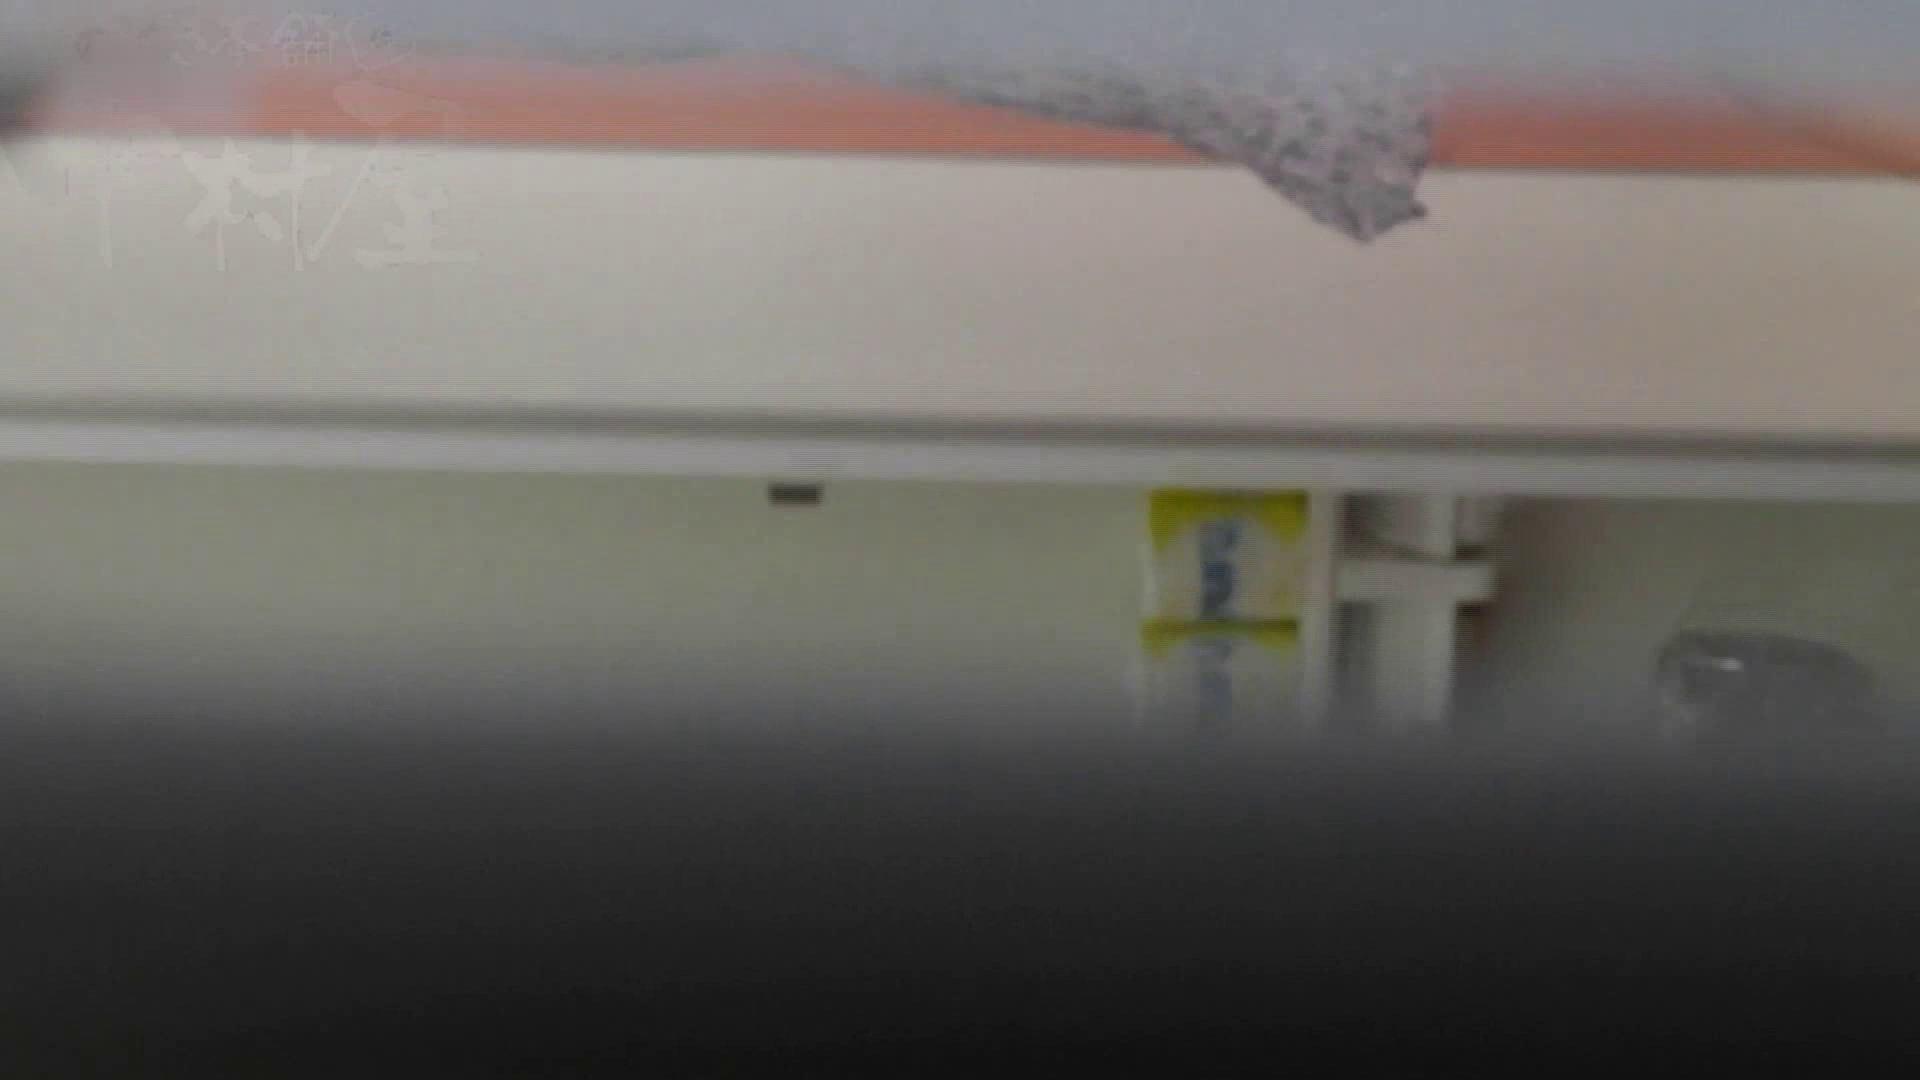 美しい日本の未来 No.17 結構大変!瞬間移動かーらーのっ、隙間撮り! マンコ・ムレムレ われめAV動画紹介 92pic 23